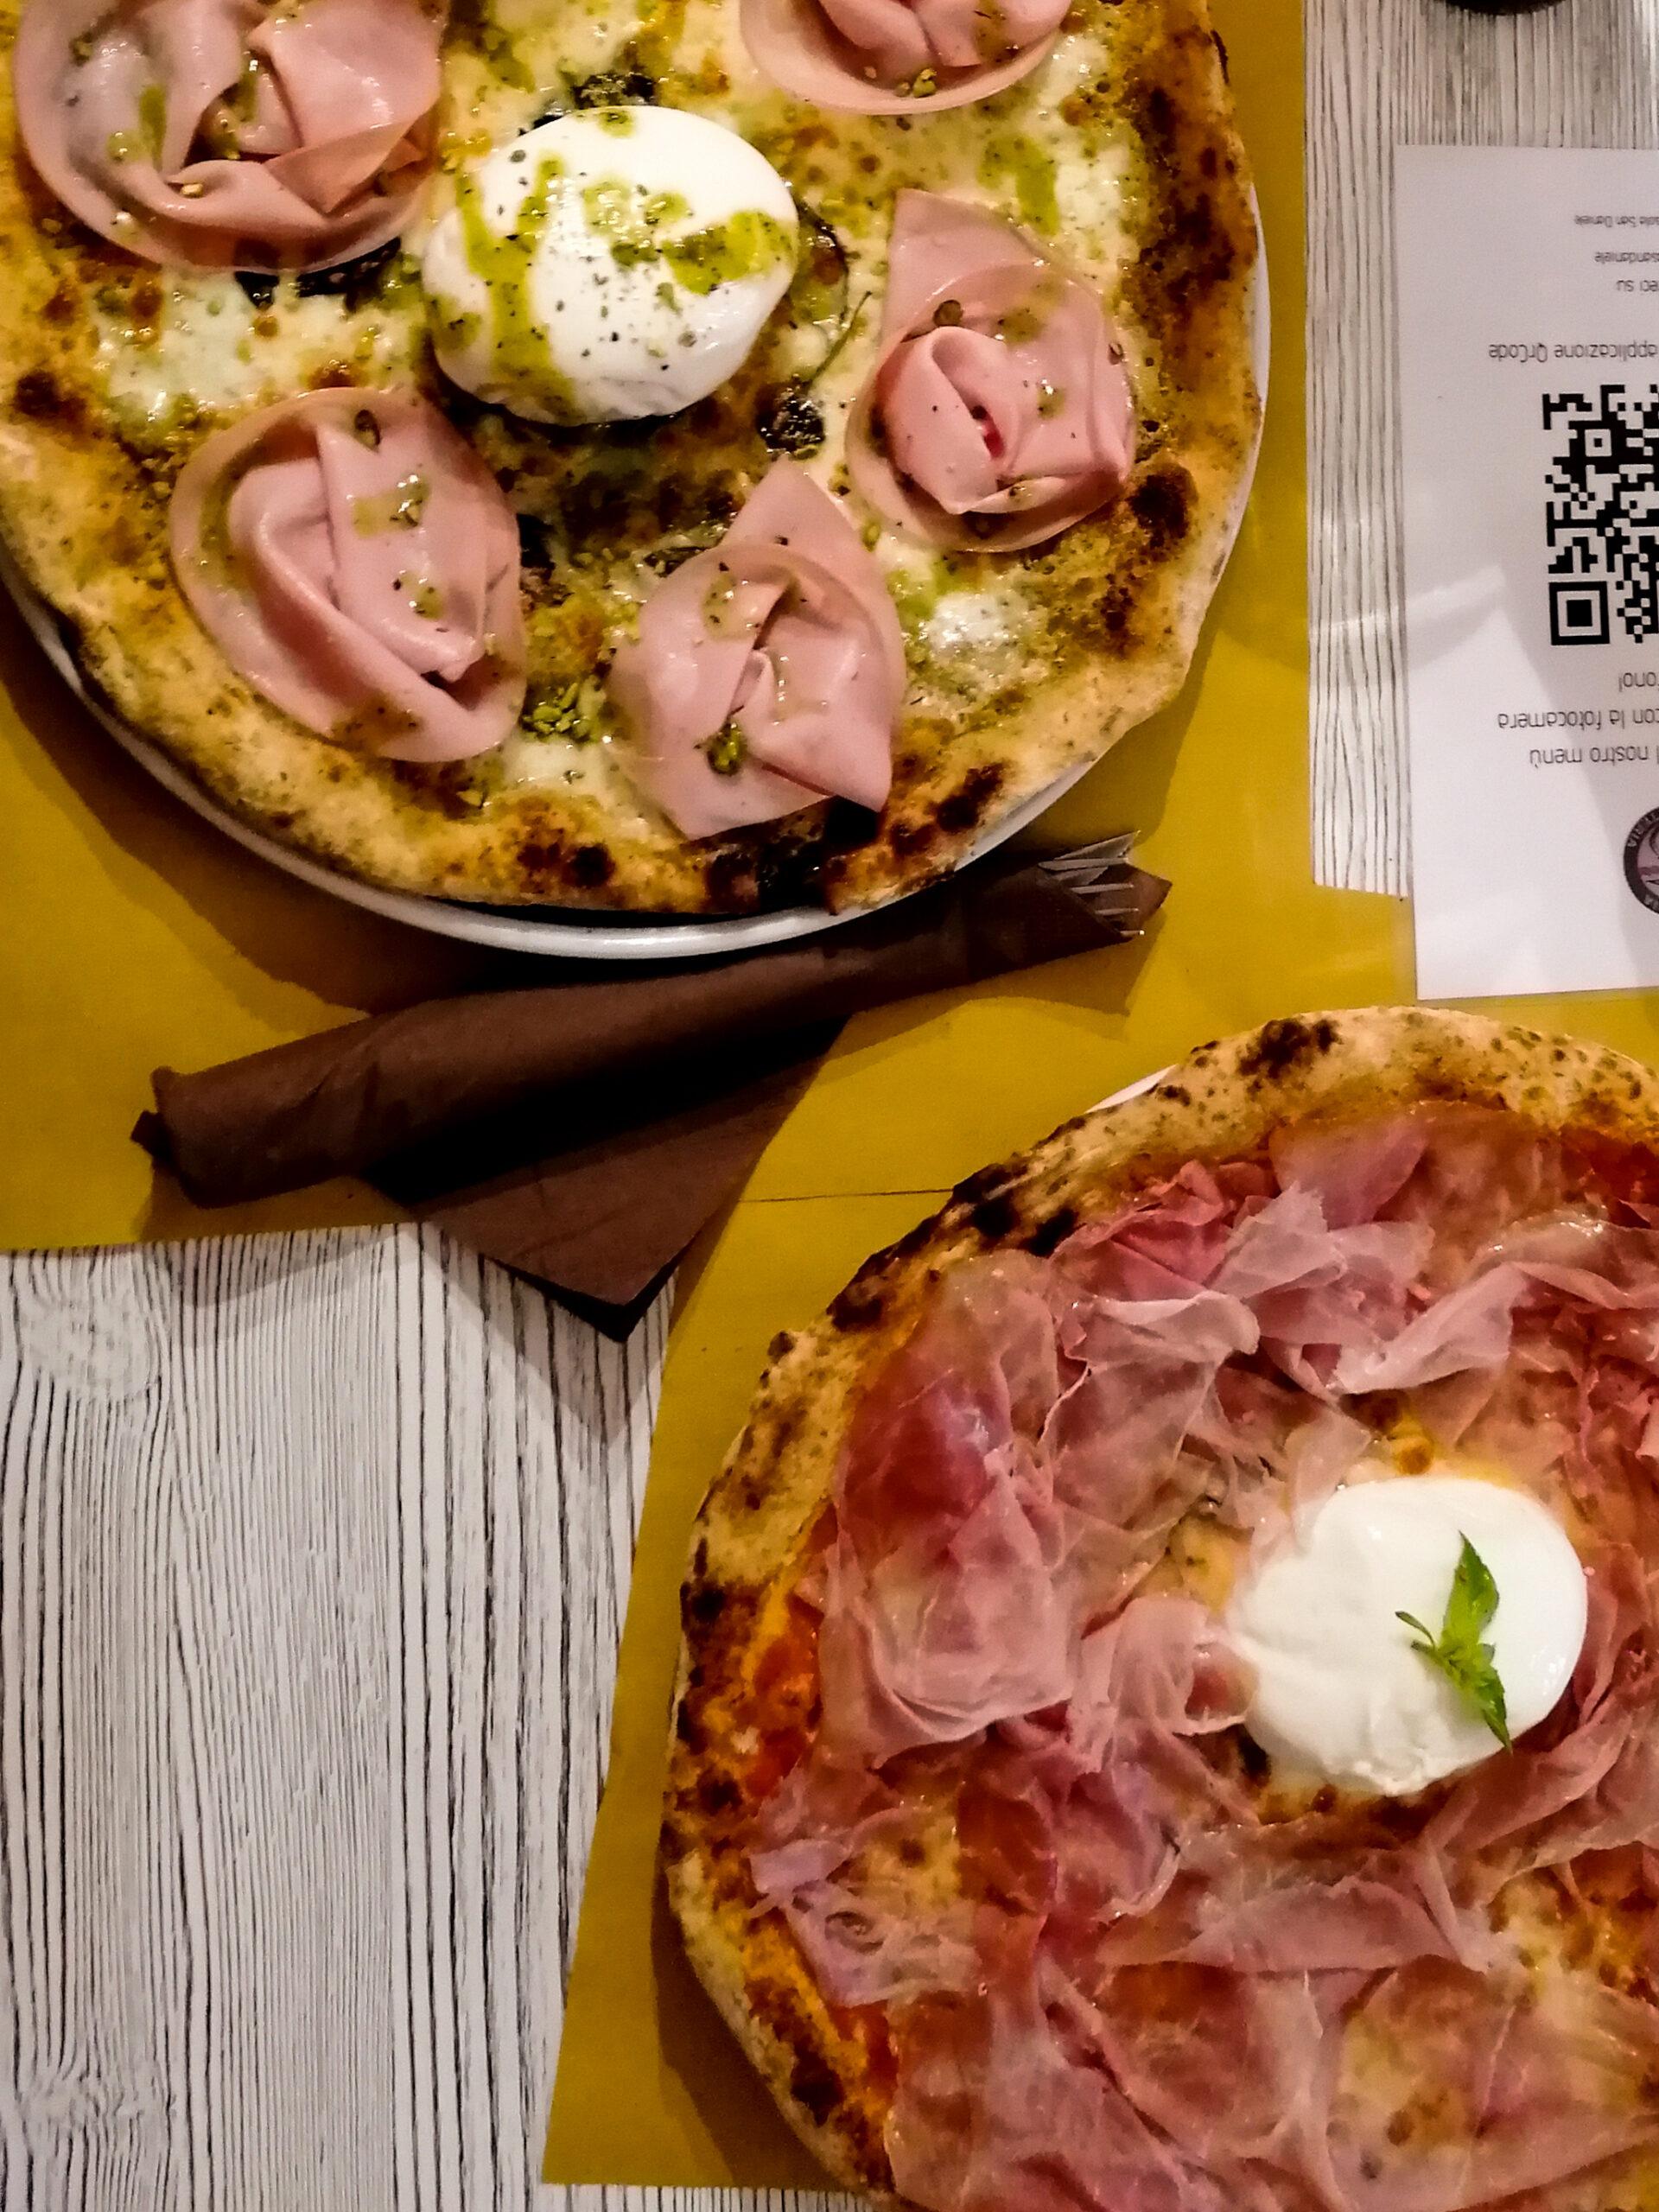 La bussola - pizzeria a San Daniele del Friuli